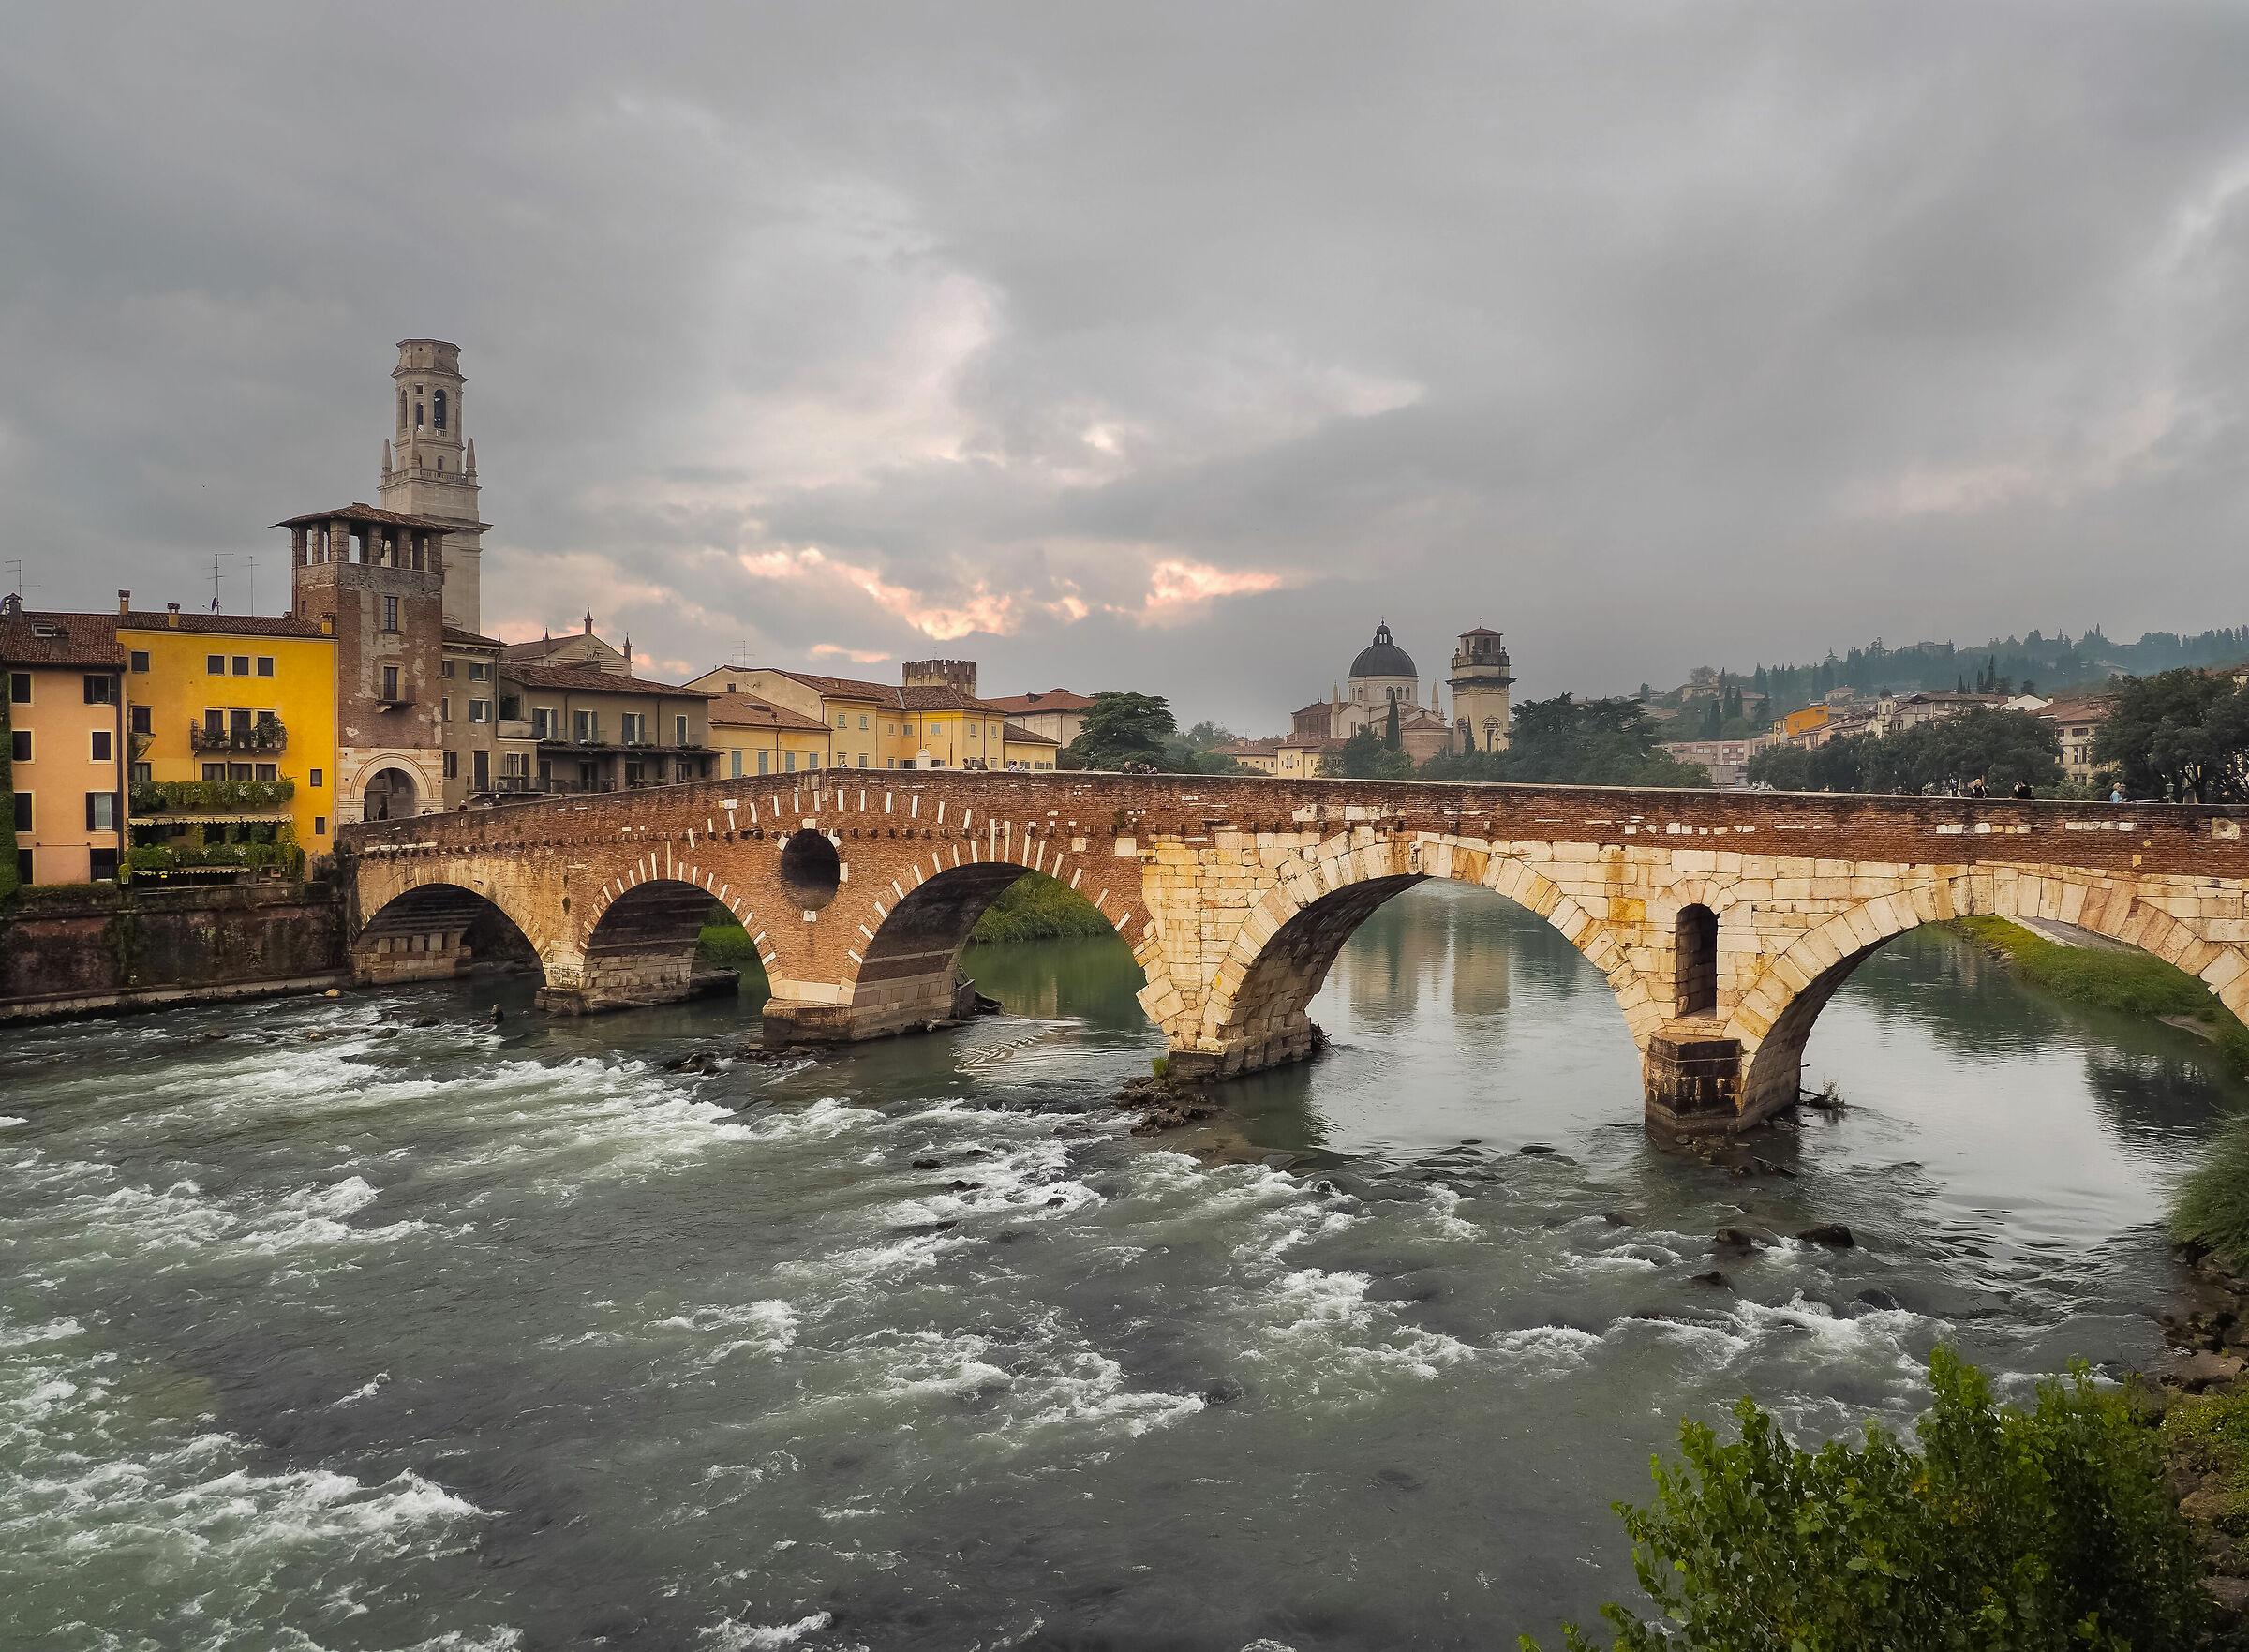 The Adige Bridge Stone...